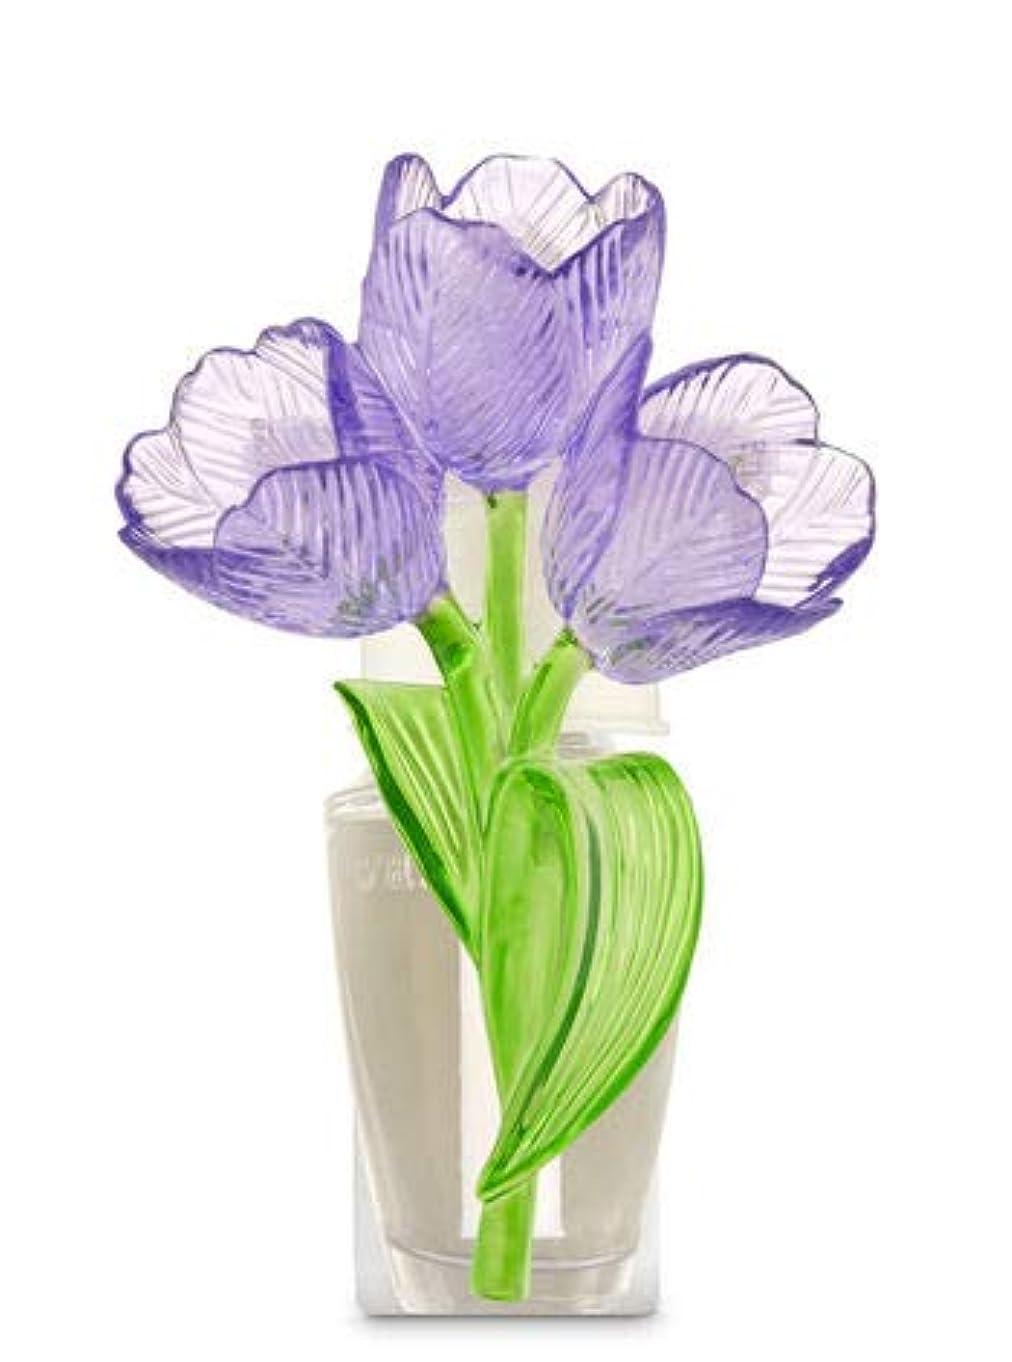 転送クレーターアームストロング【Bath&Body Works/バス&ボディワークス】 ルームフレグランス プラグインスターター (本体のみ) チューリップ ナイトライト Wallflowers Fragrance Plug Tulips Night Light [並行輸入品]